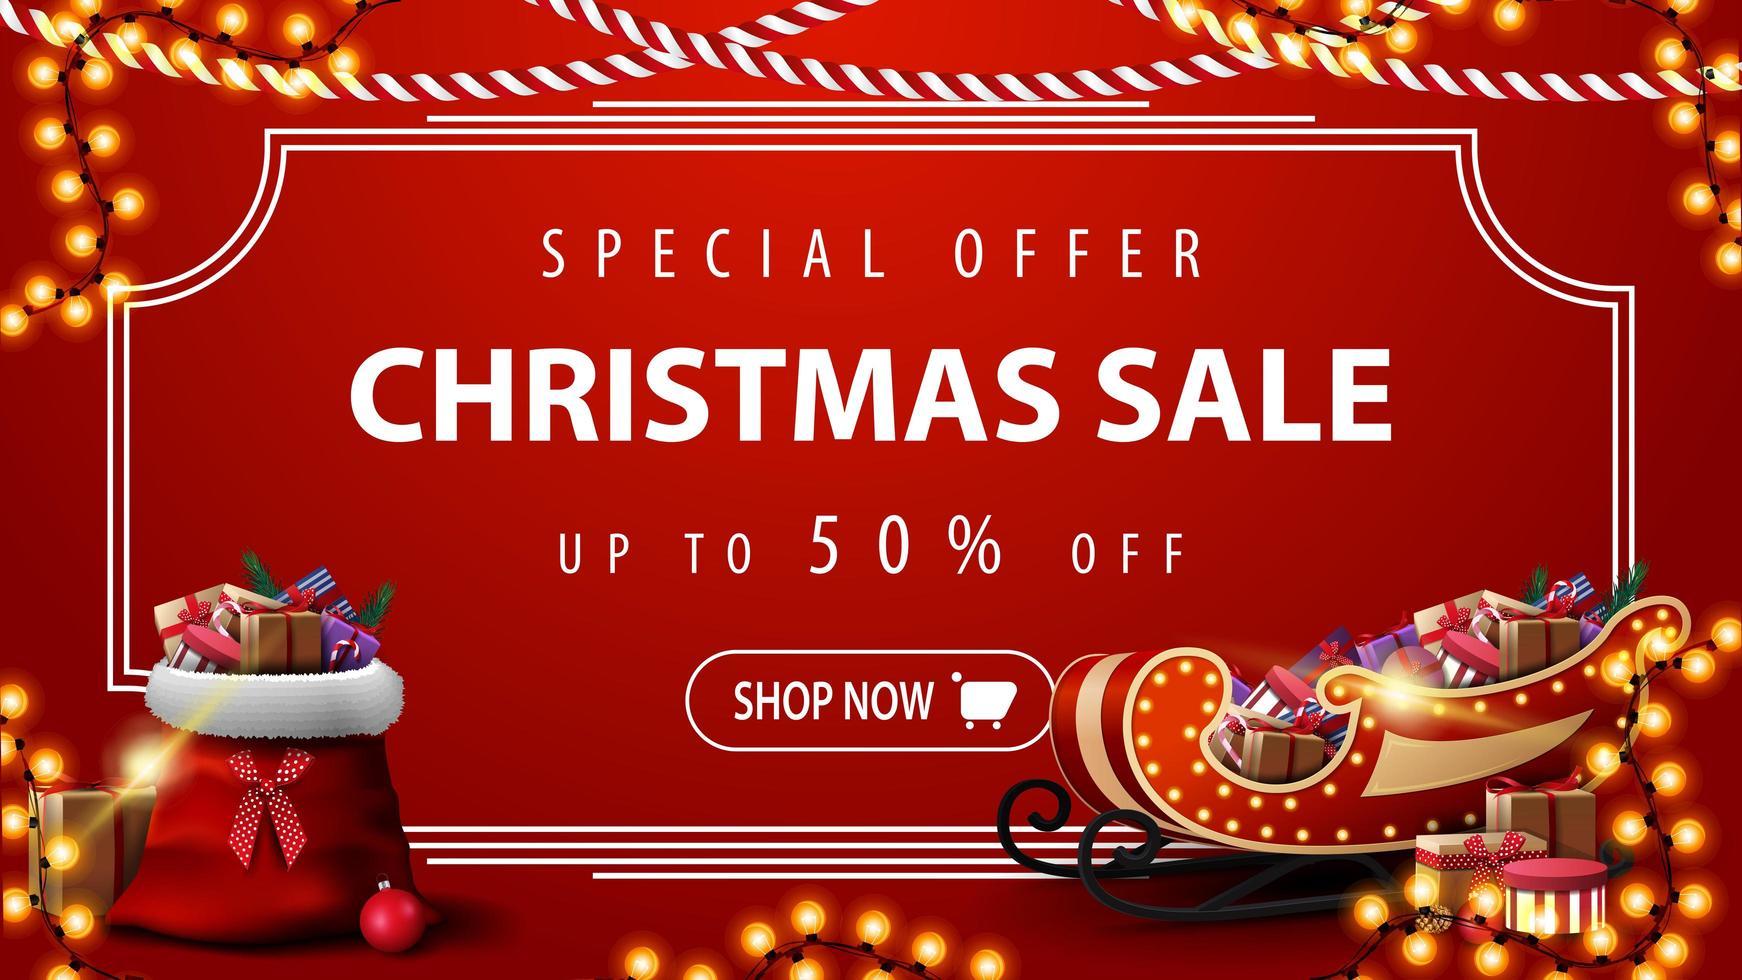 speciale aanbieding, kerstuitverkoop, tot 50 korting, moderne rode kortingsbanner met vintage frame, slingers, kerstman tas en kerstman slee met cadeautjes vector